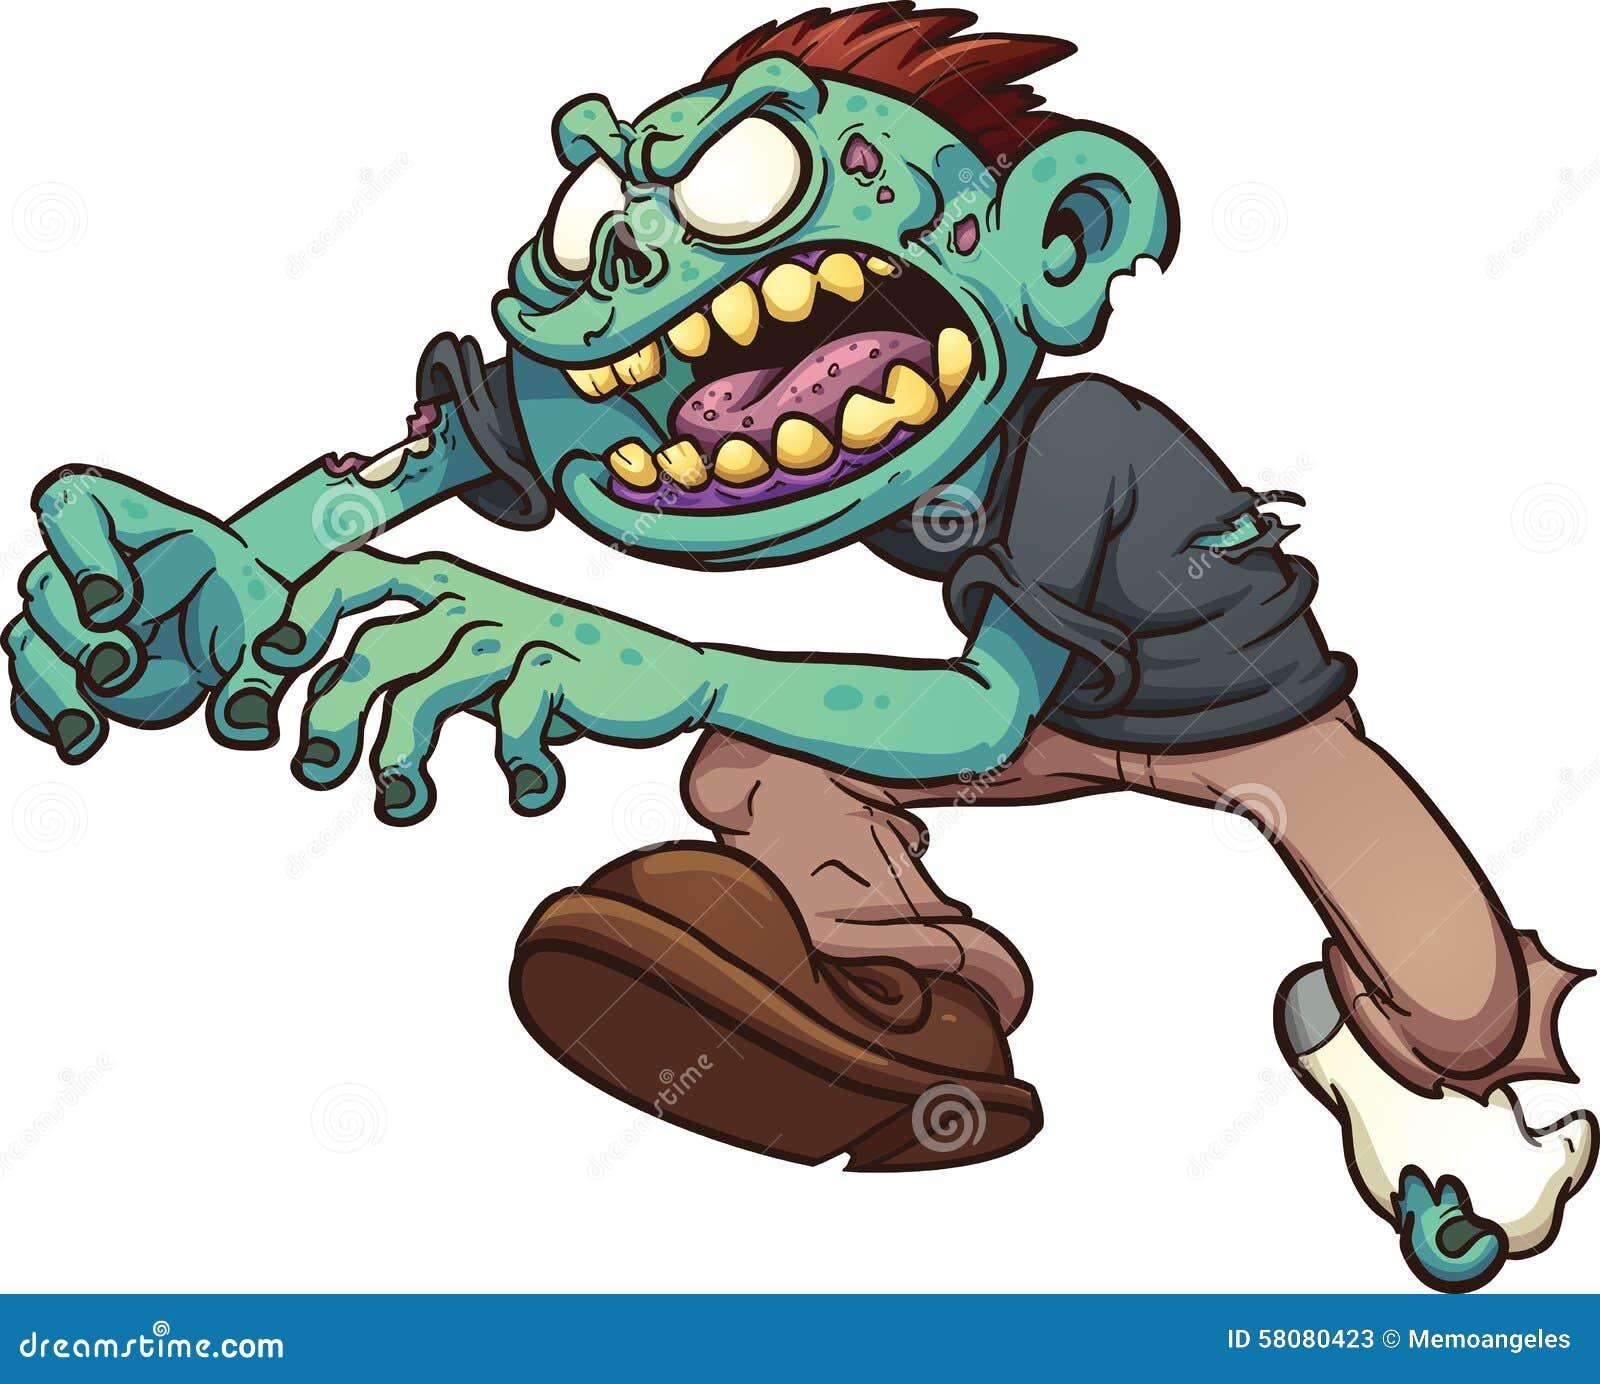 Cartoon zombie running stock illustration cartoondealer